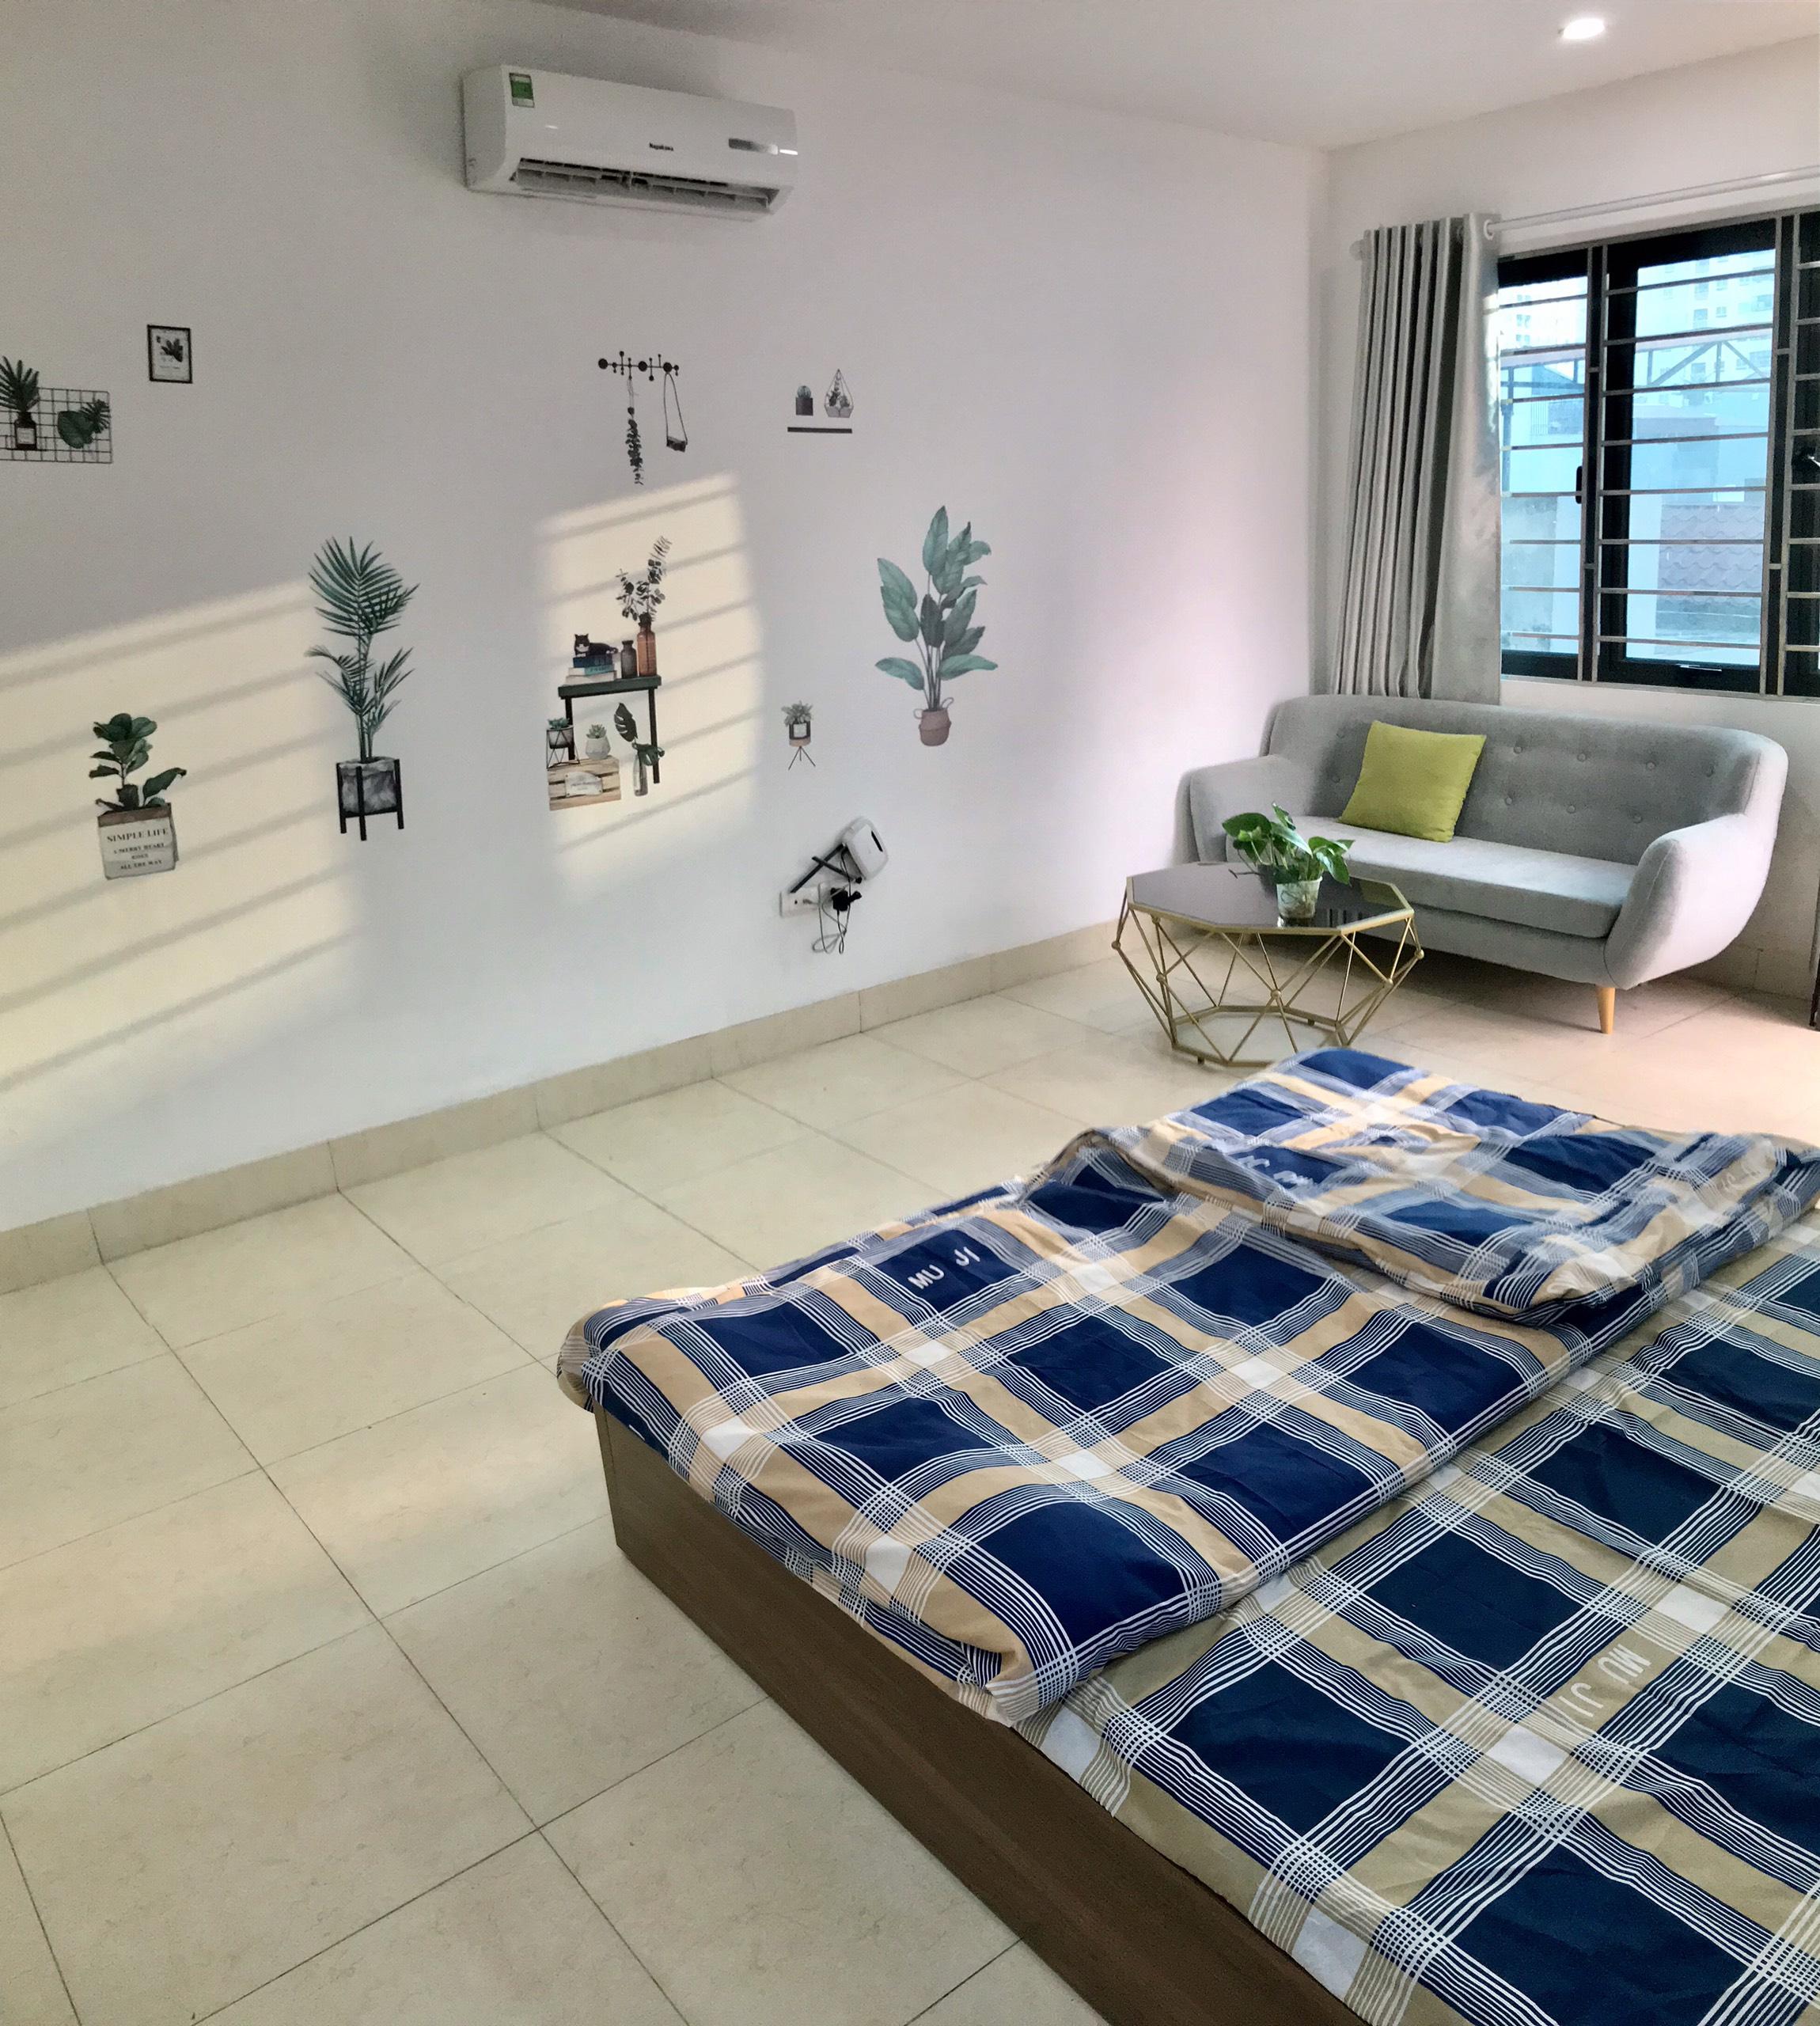 Gia đình cần cho thuê phòng trọ gần Trần Duy Hưng